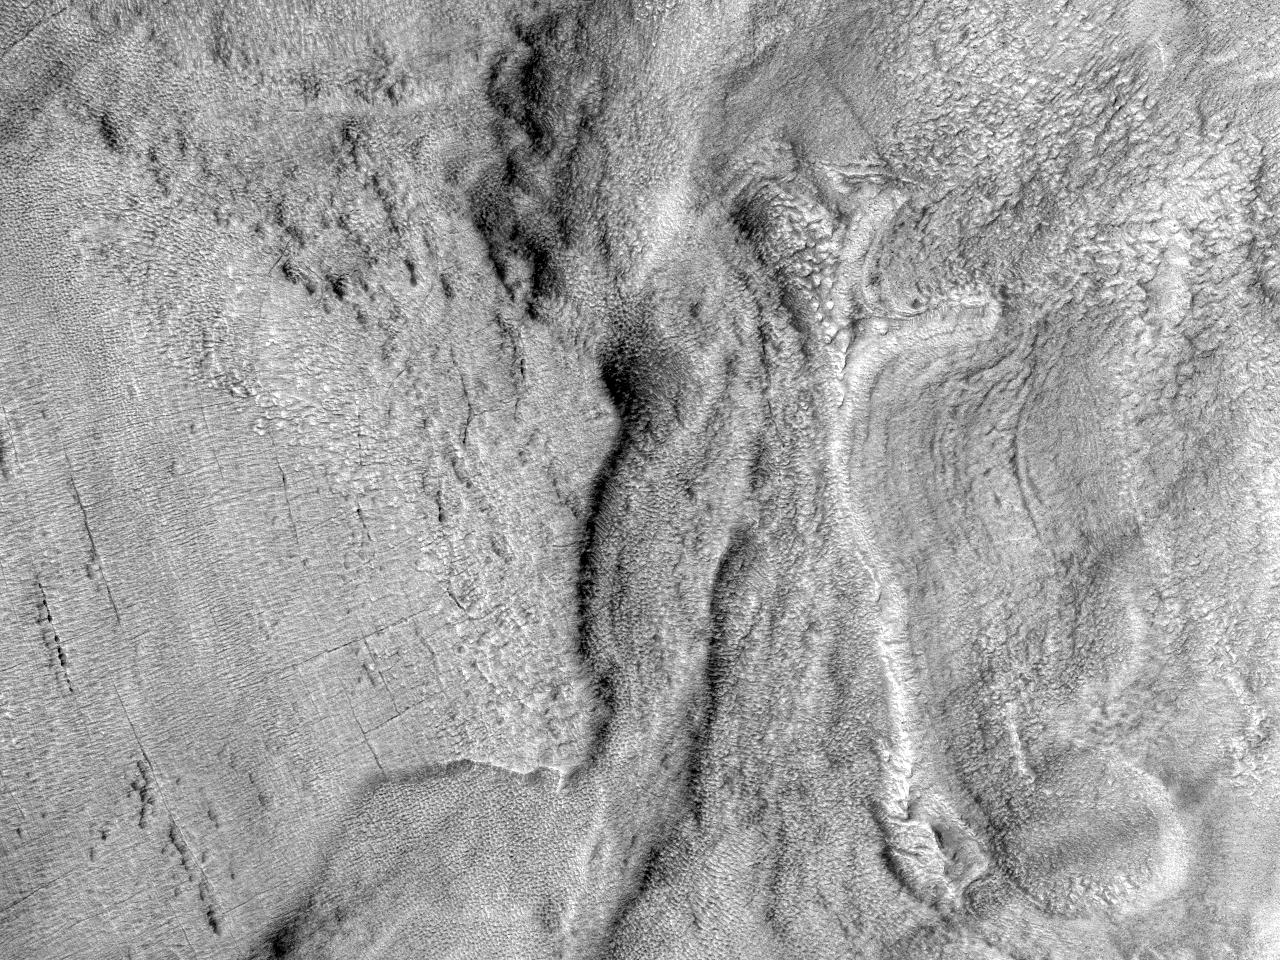 Слои в кратере на северо-западе равнины Hellas Planitia